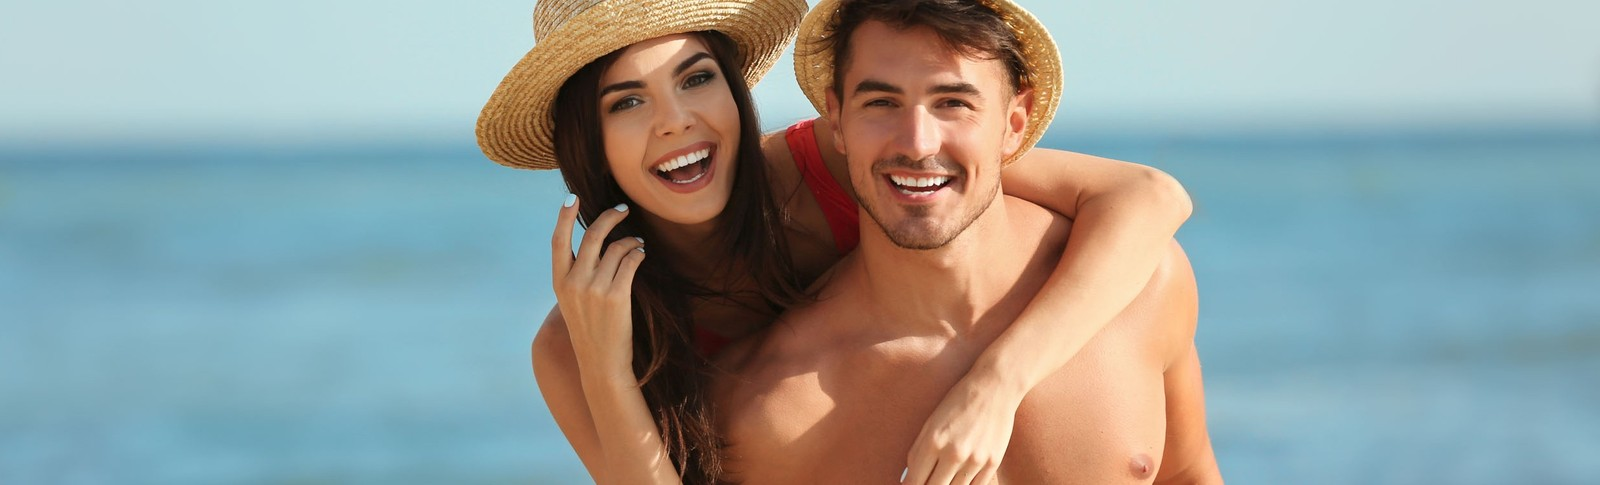 Paar genießt Strandurlaub nach seiner Gynäkomastie-Behandlung in der Moser Klinik.